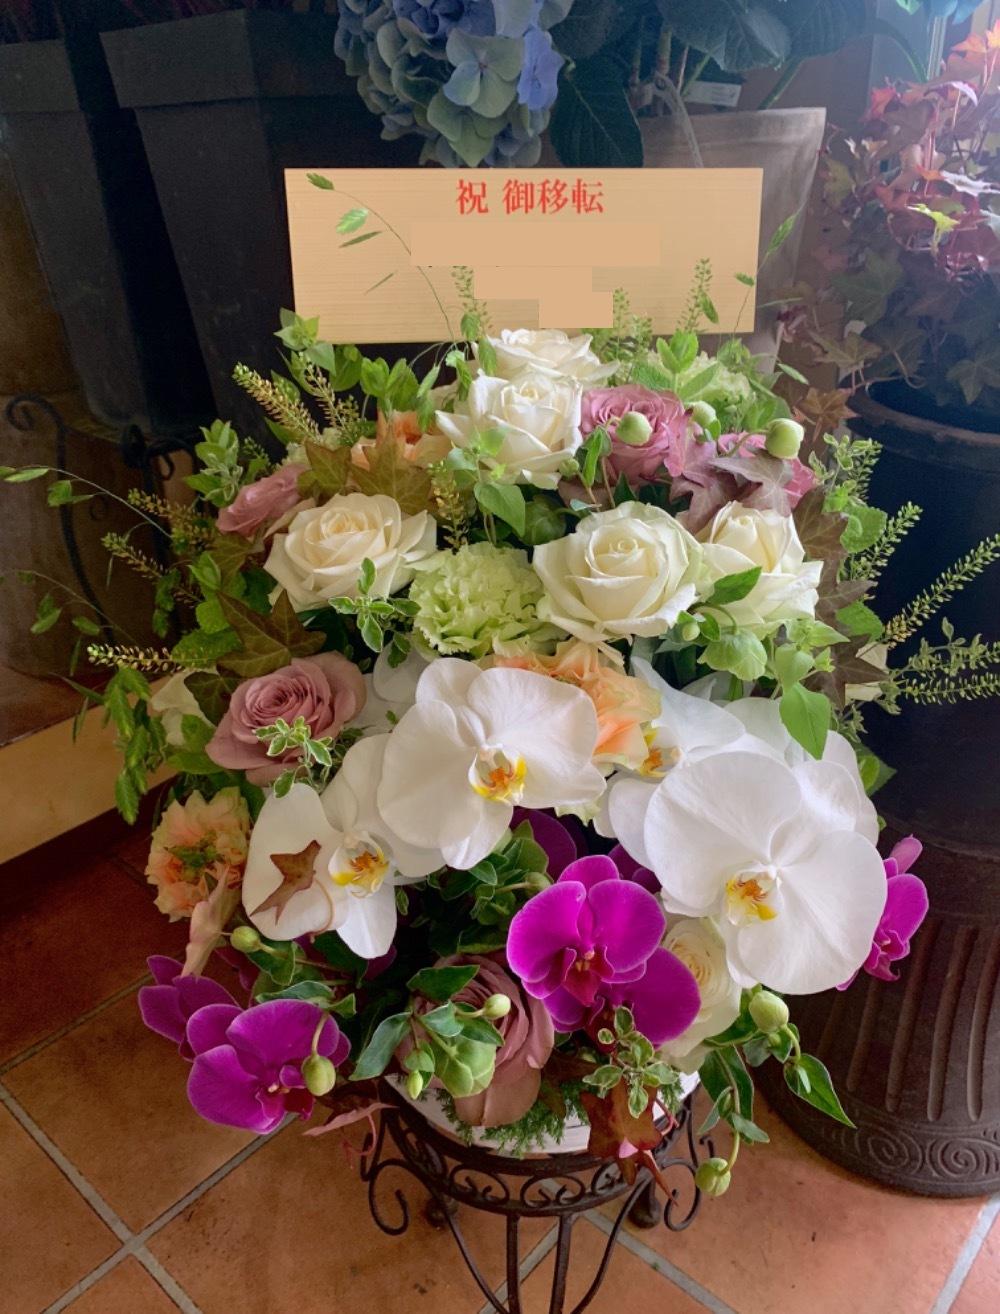 上品で華やかな雰囲気あふれる移転お祝い花